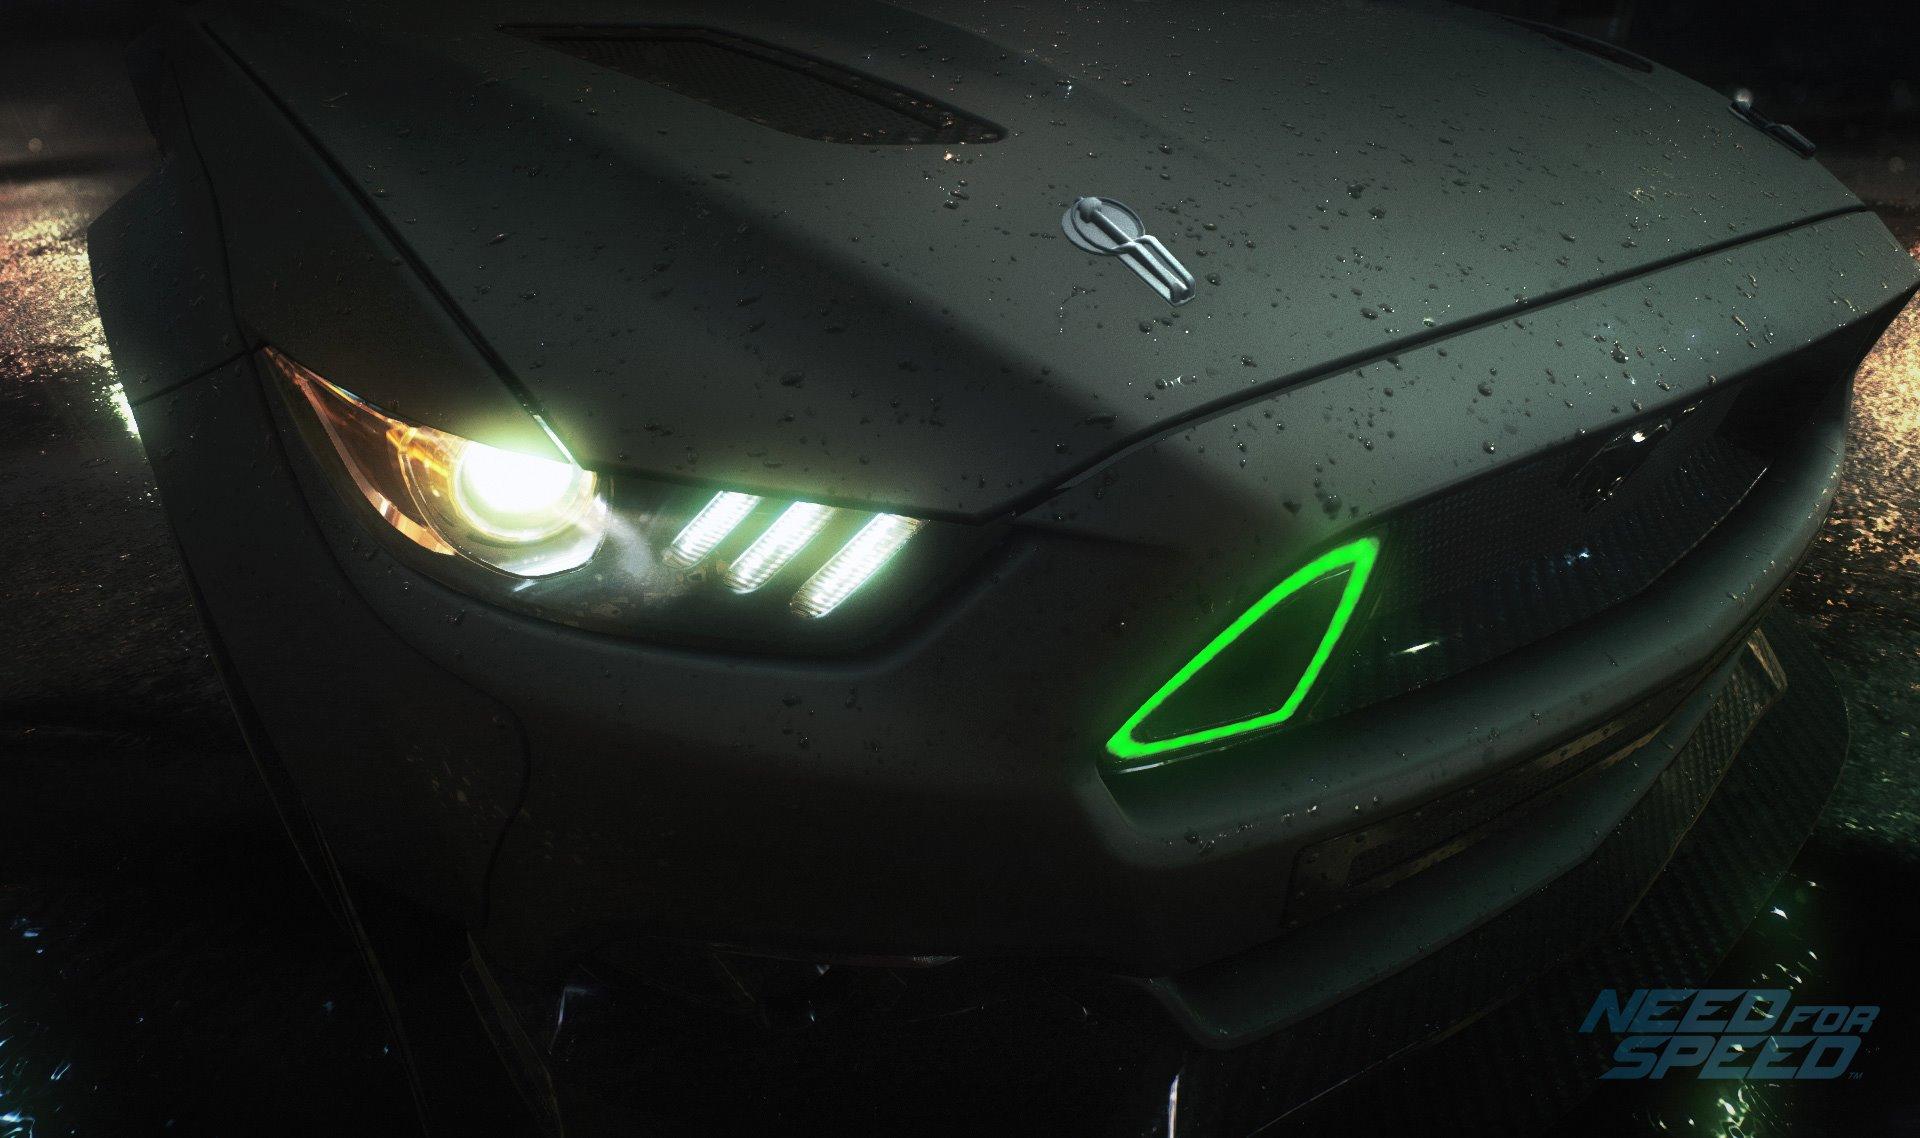 E3: Nadjechał nowy Need for Speed! I już dawno nie cieszyłem siętak na żadną ścigałkę